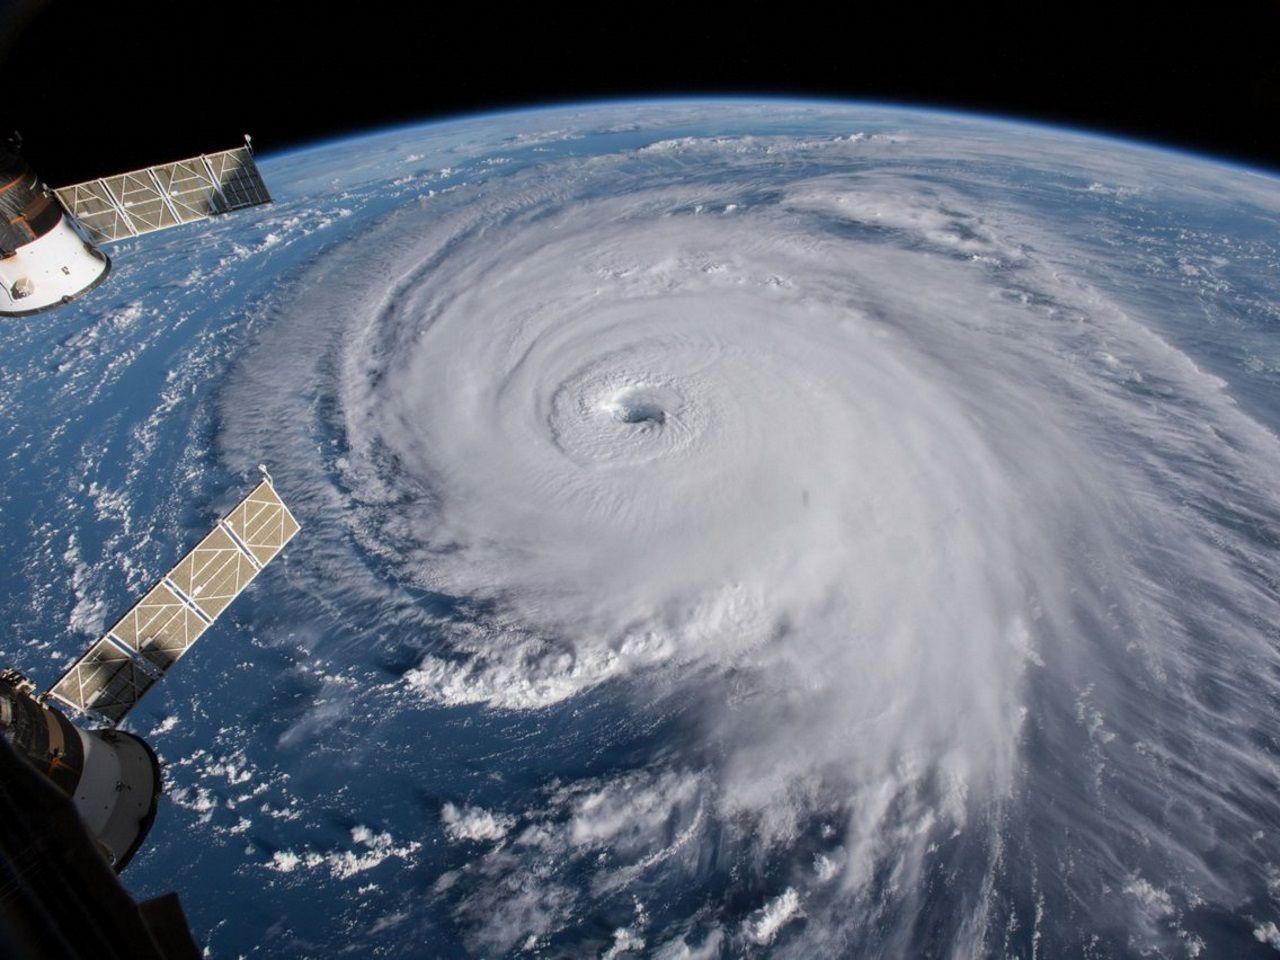 ¿Por qué se formó un huracán a solo 700 kilómetros de la costa gallega?.Imagen del fondo del océano